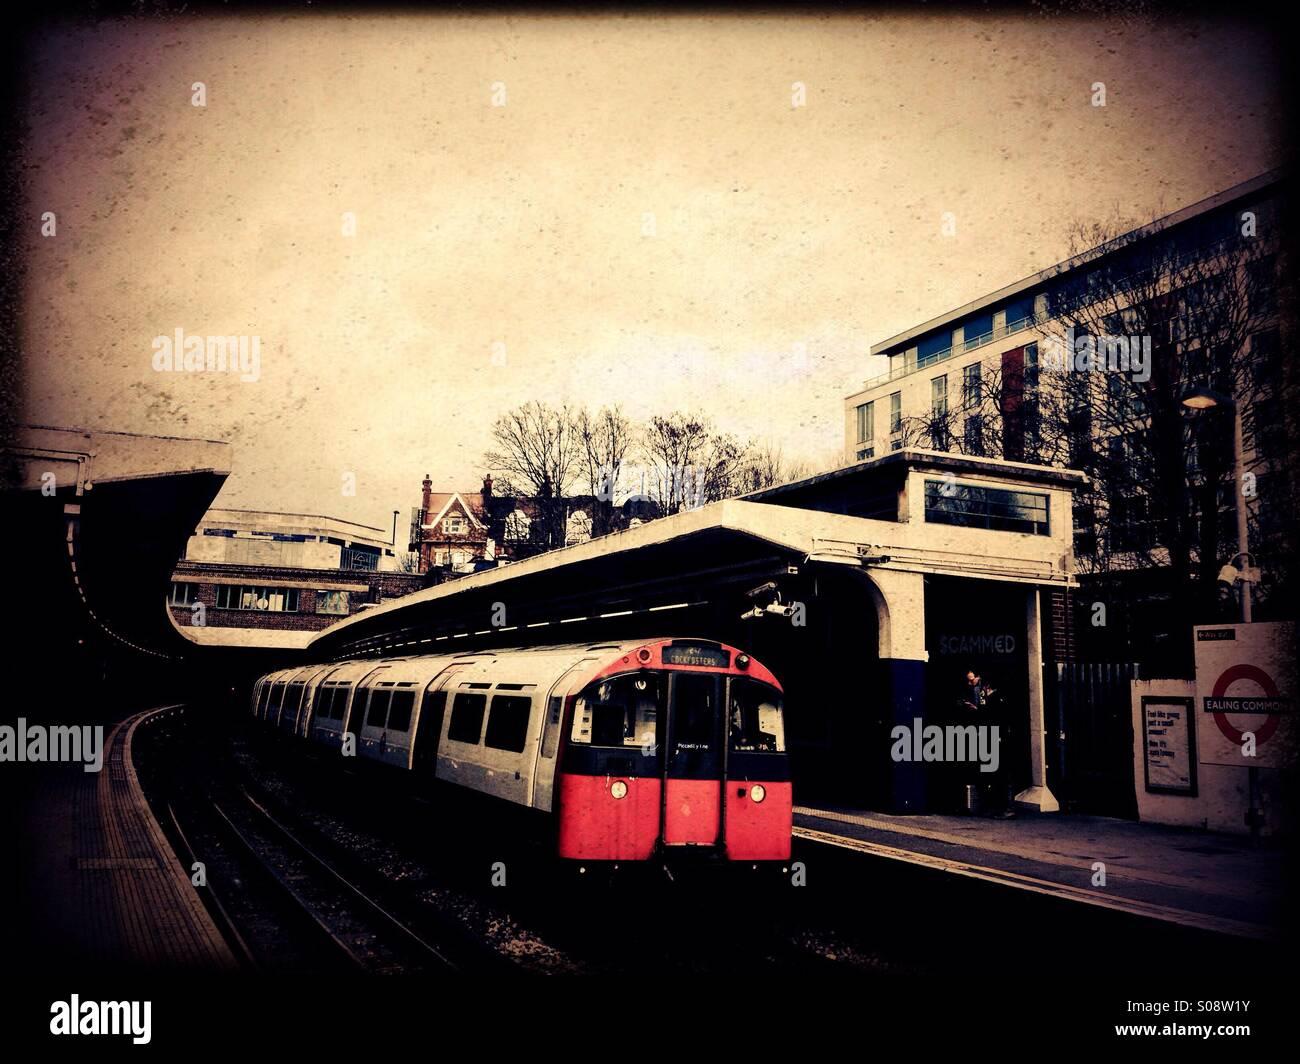 Ealing Common tube station, West London, UK Stock Photo